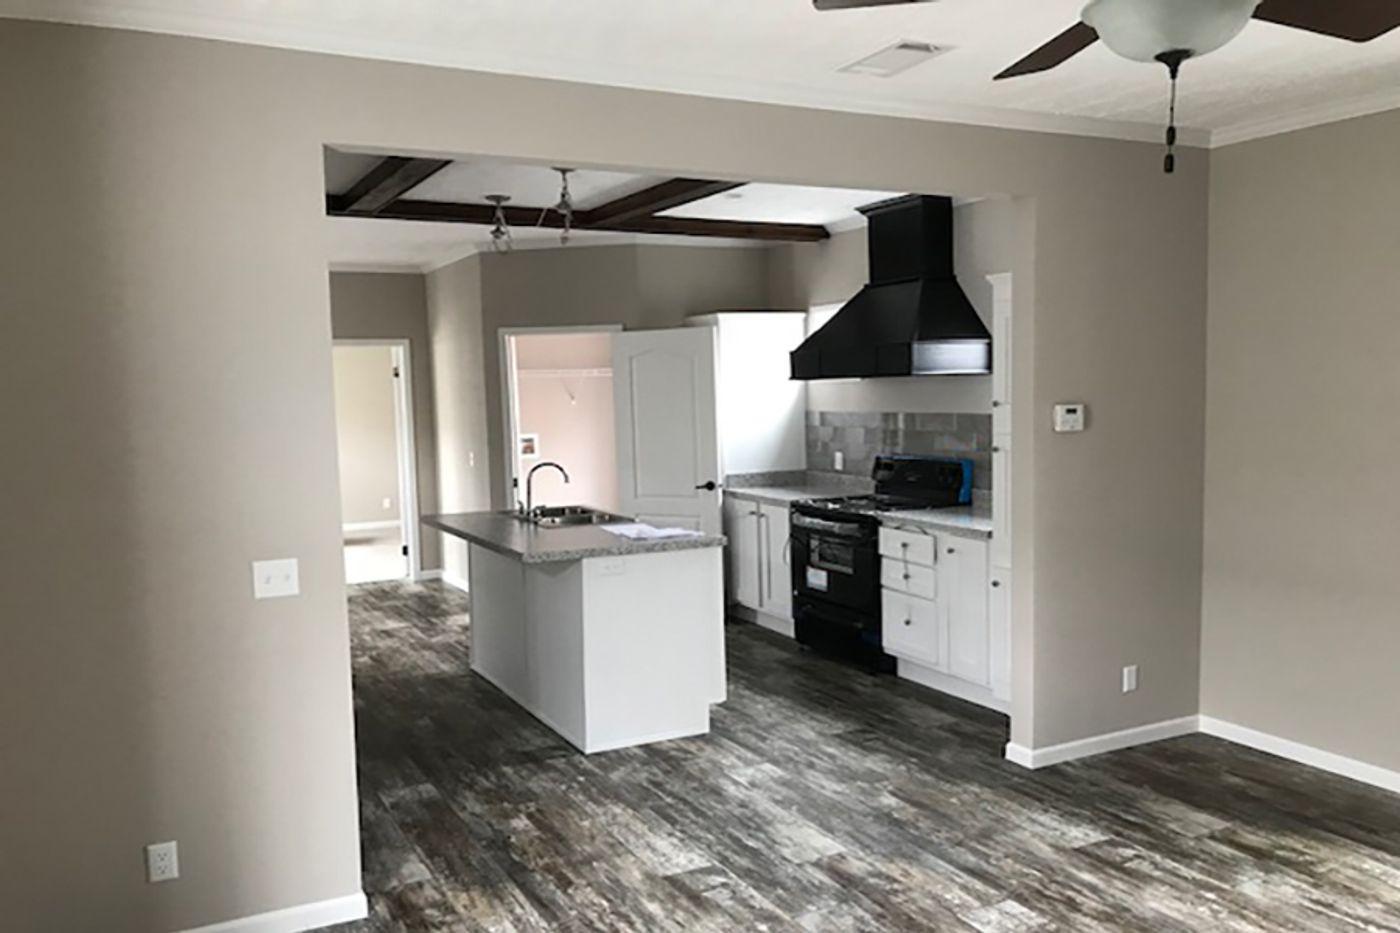 The Morrison Kitchen